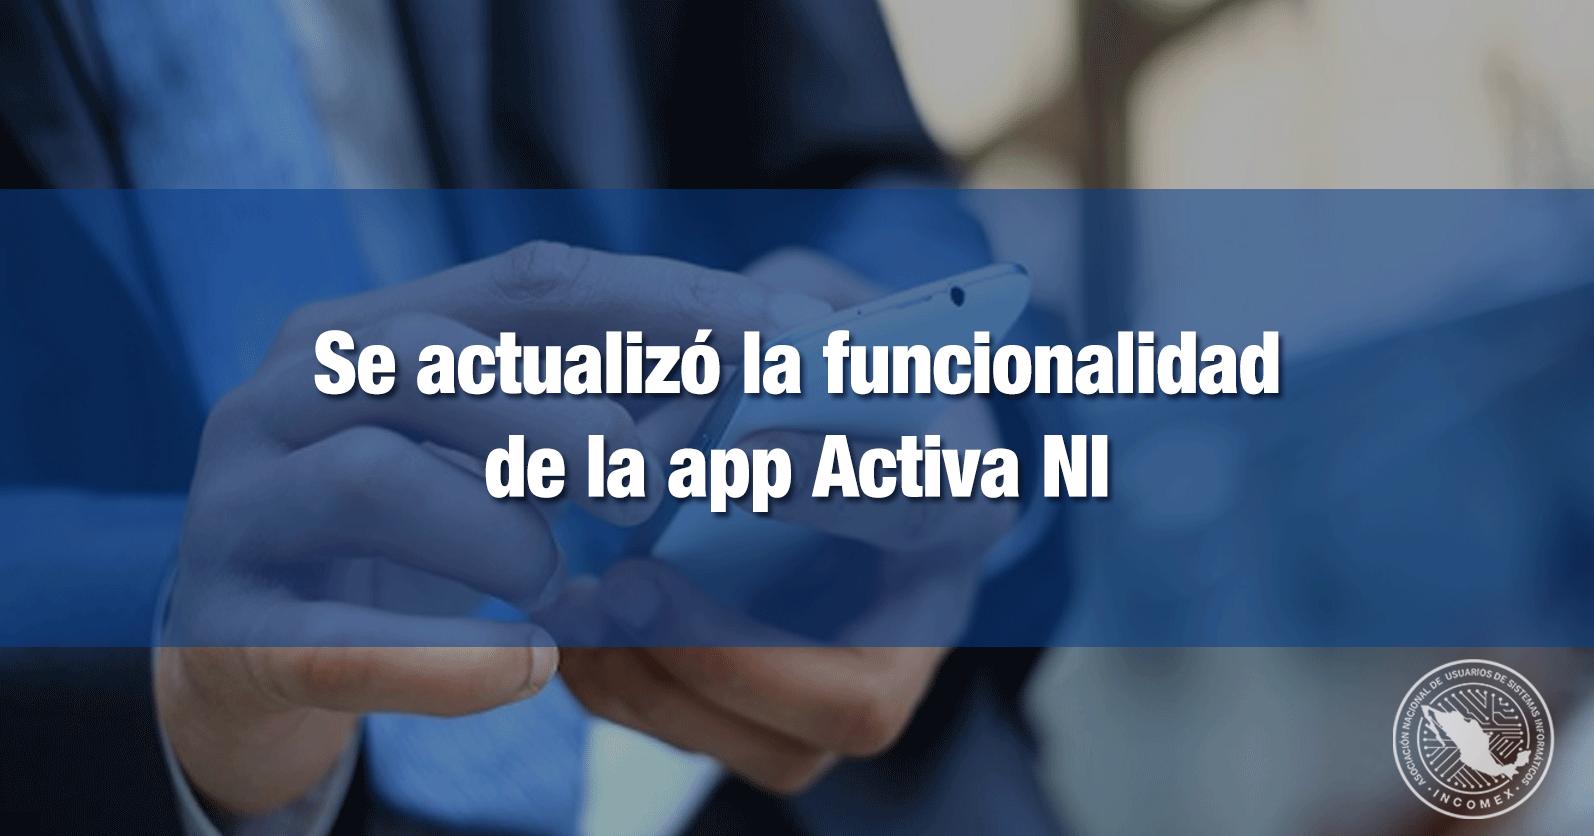 Se actualizó la funcionalidad de la app Activa NI